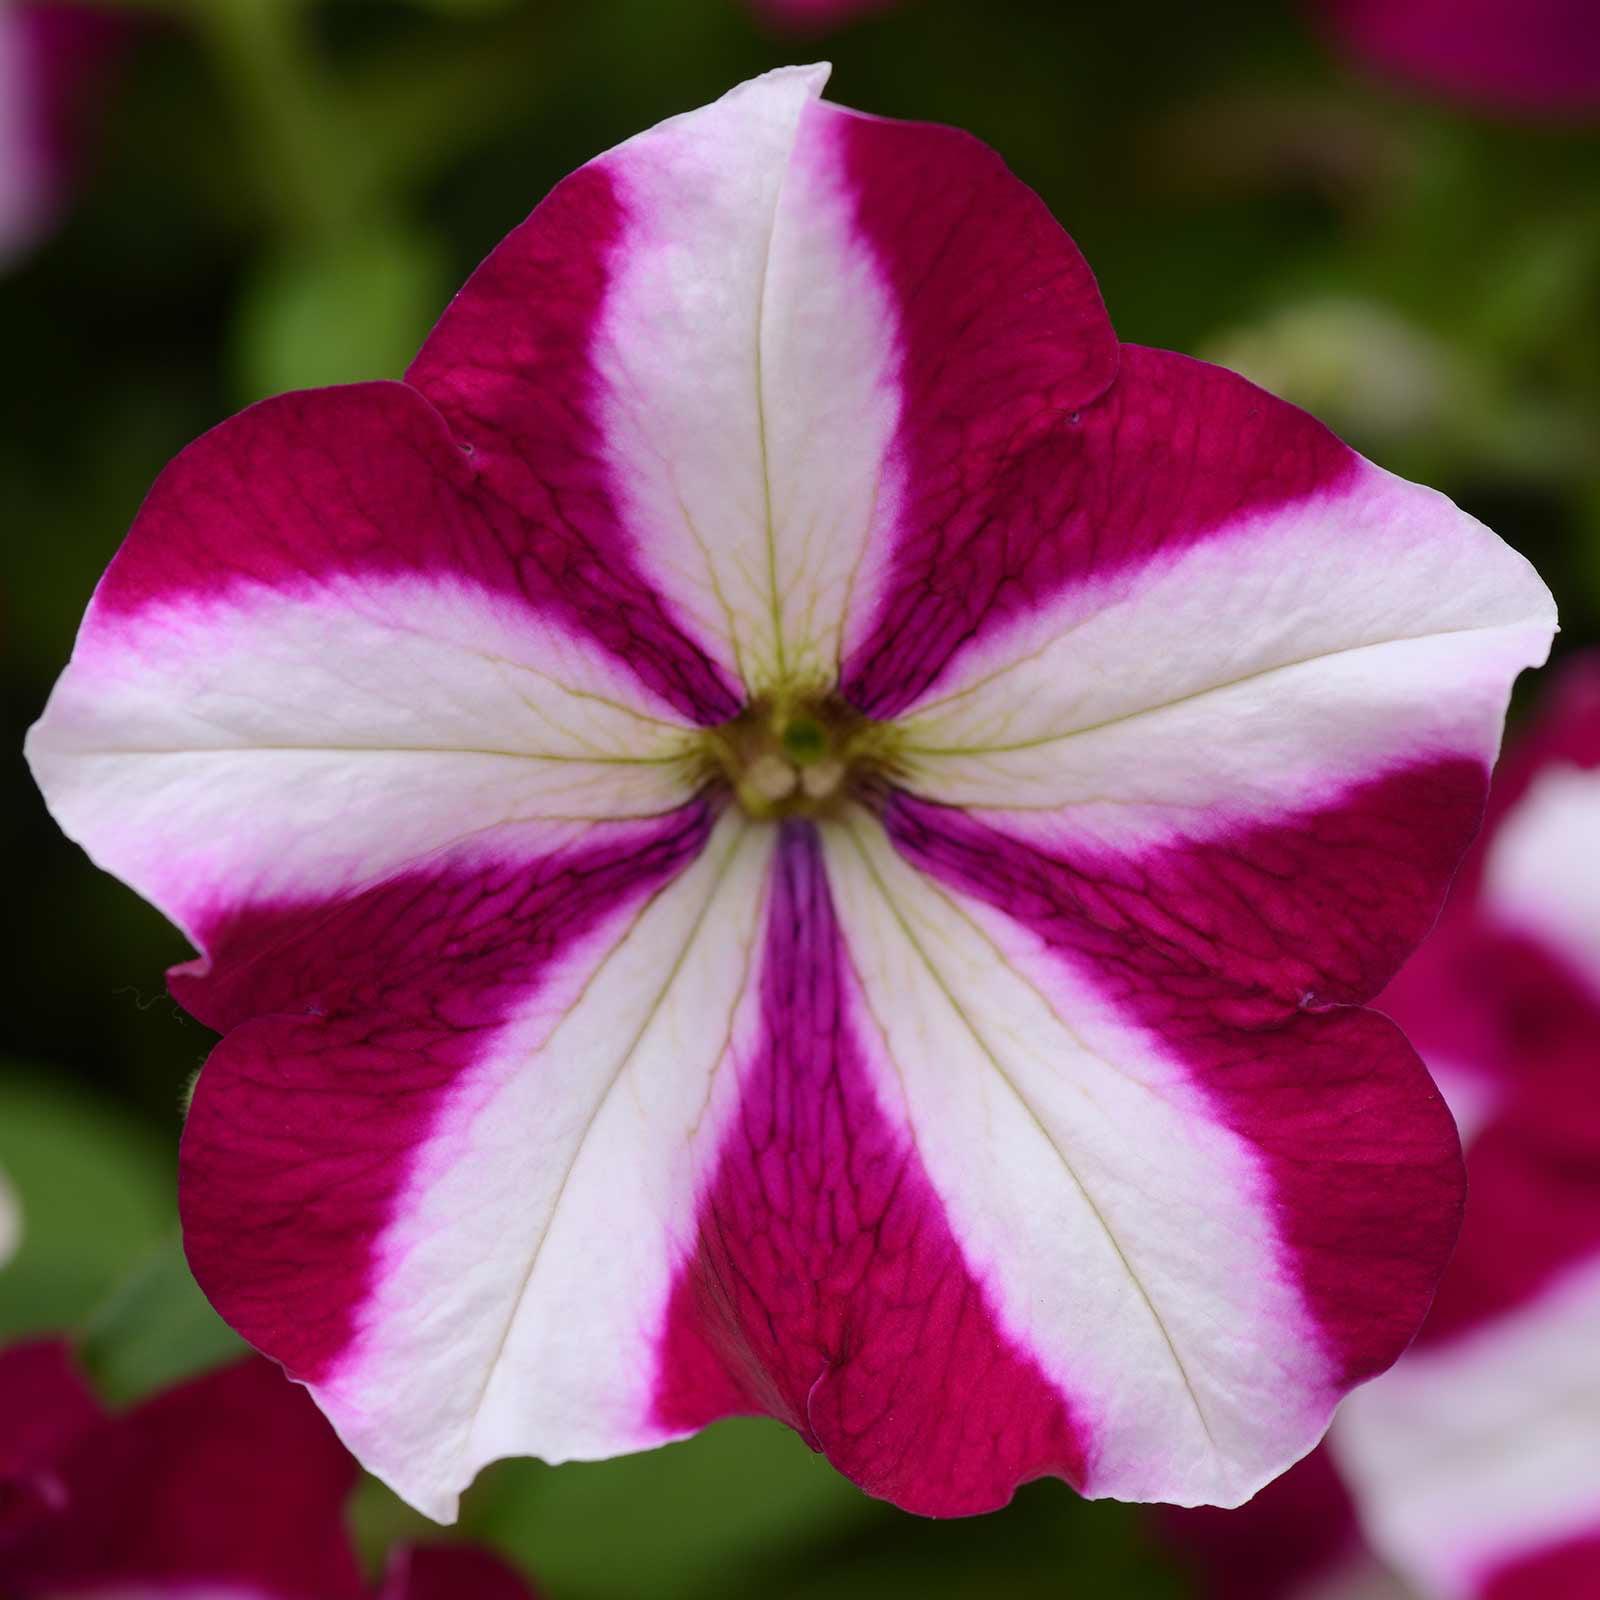 Petunia - Easy Wave Flower Garden Seed - 100 Pelleted Seeds - Burgundy Star Blooms - Annual Flowers - Spreading Low Growing Petunias